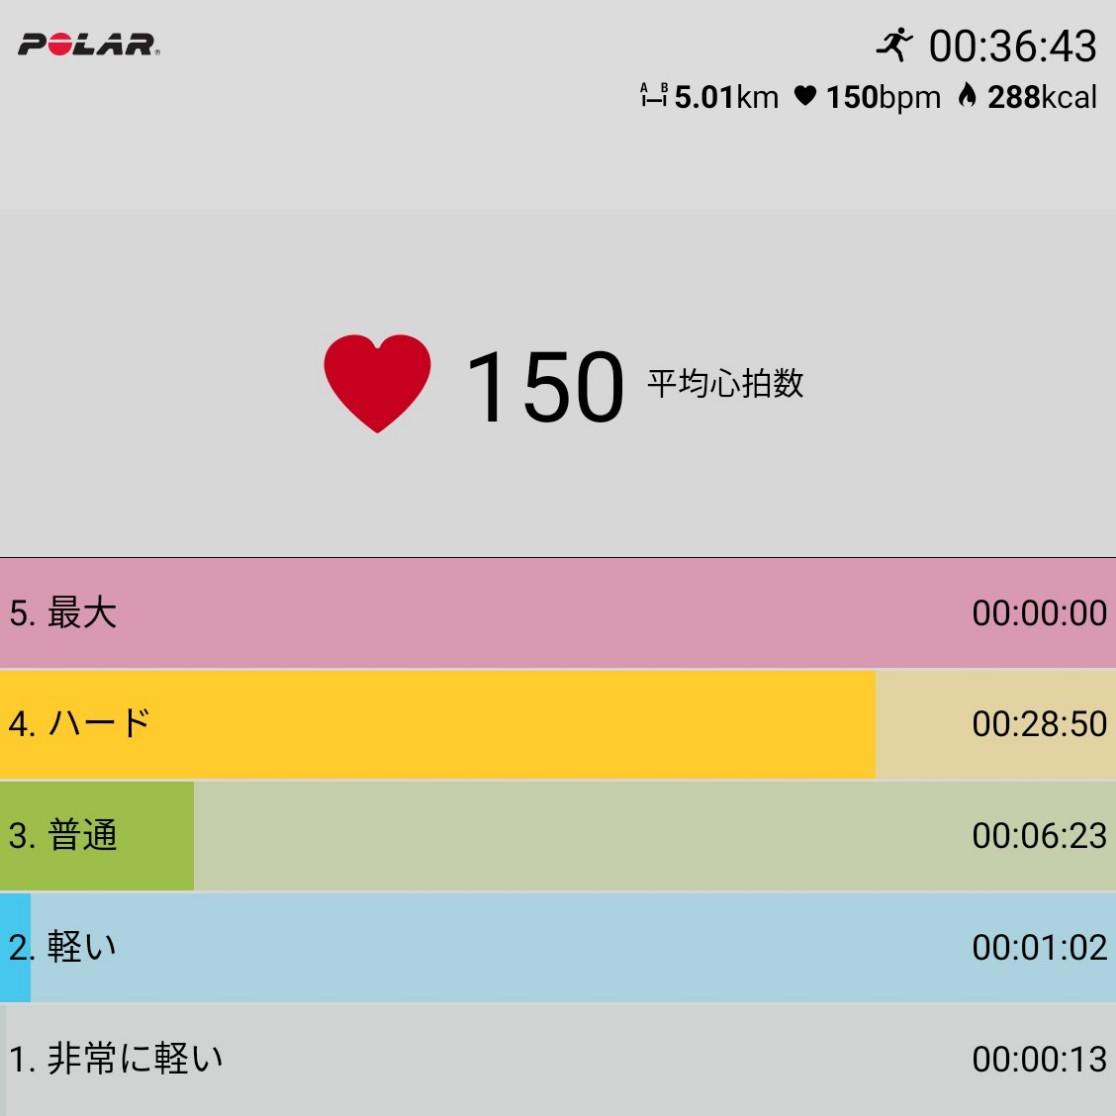 f:id:fuuta09neko:20190826220950j:plain